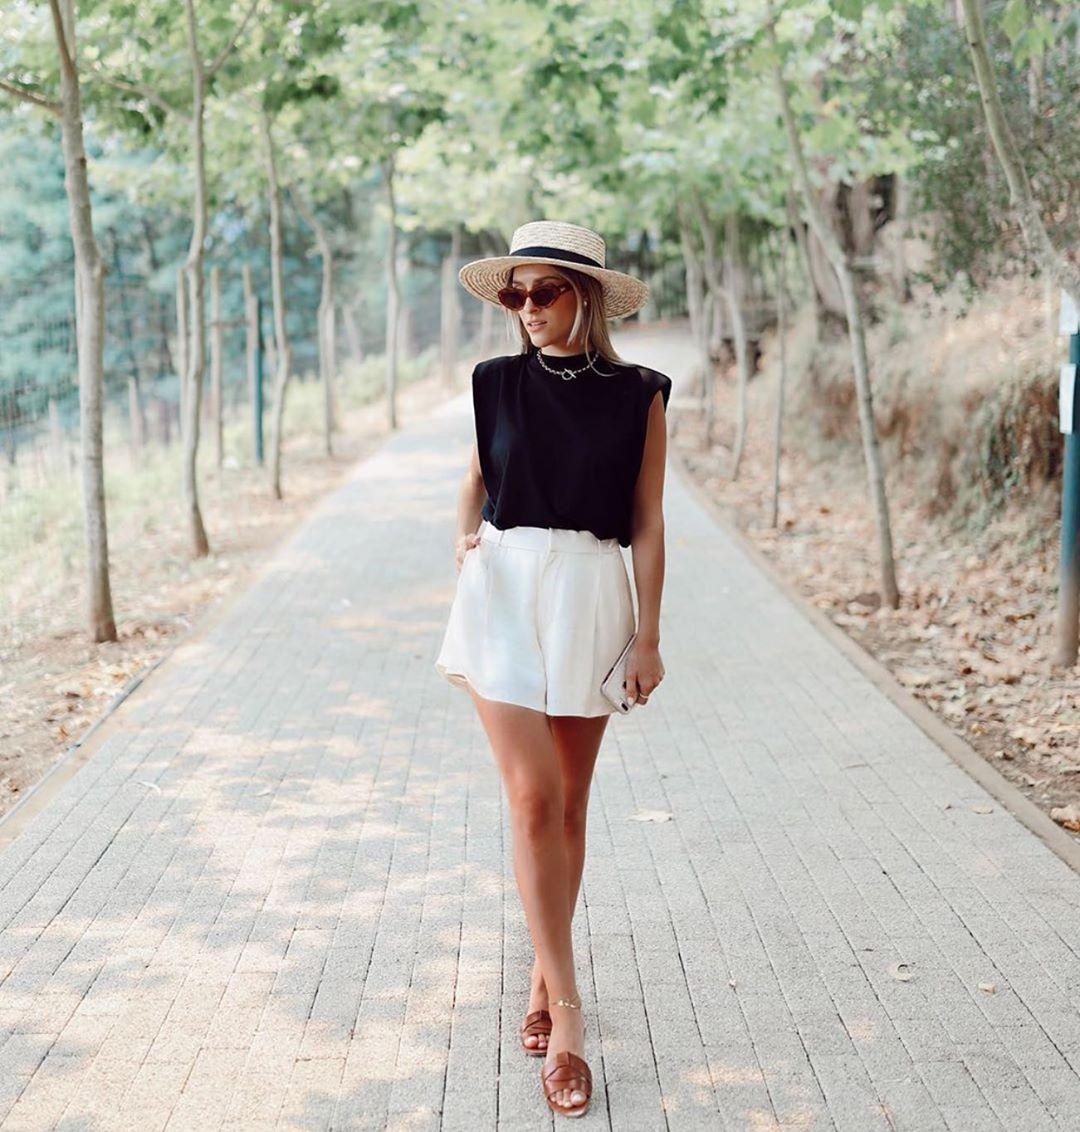 chaussures style claquettes en cuir à brides entrecroisées de Zara sur zara.outfits